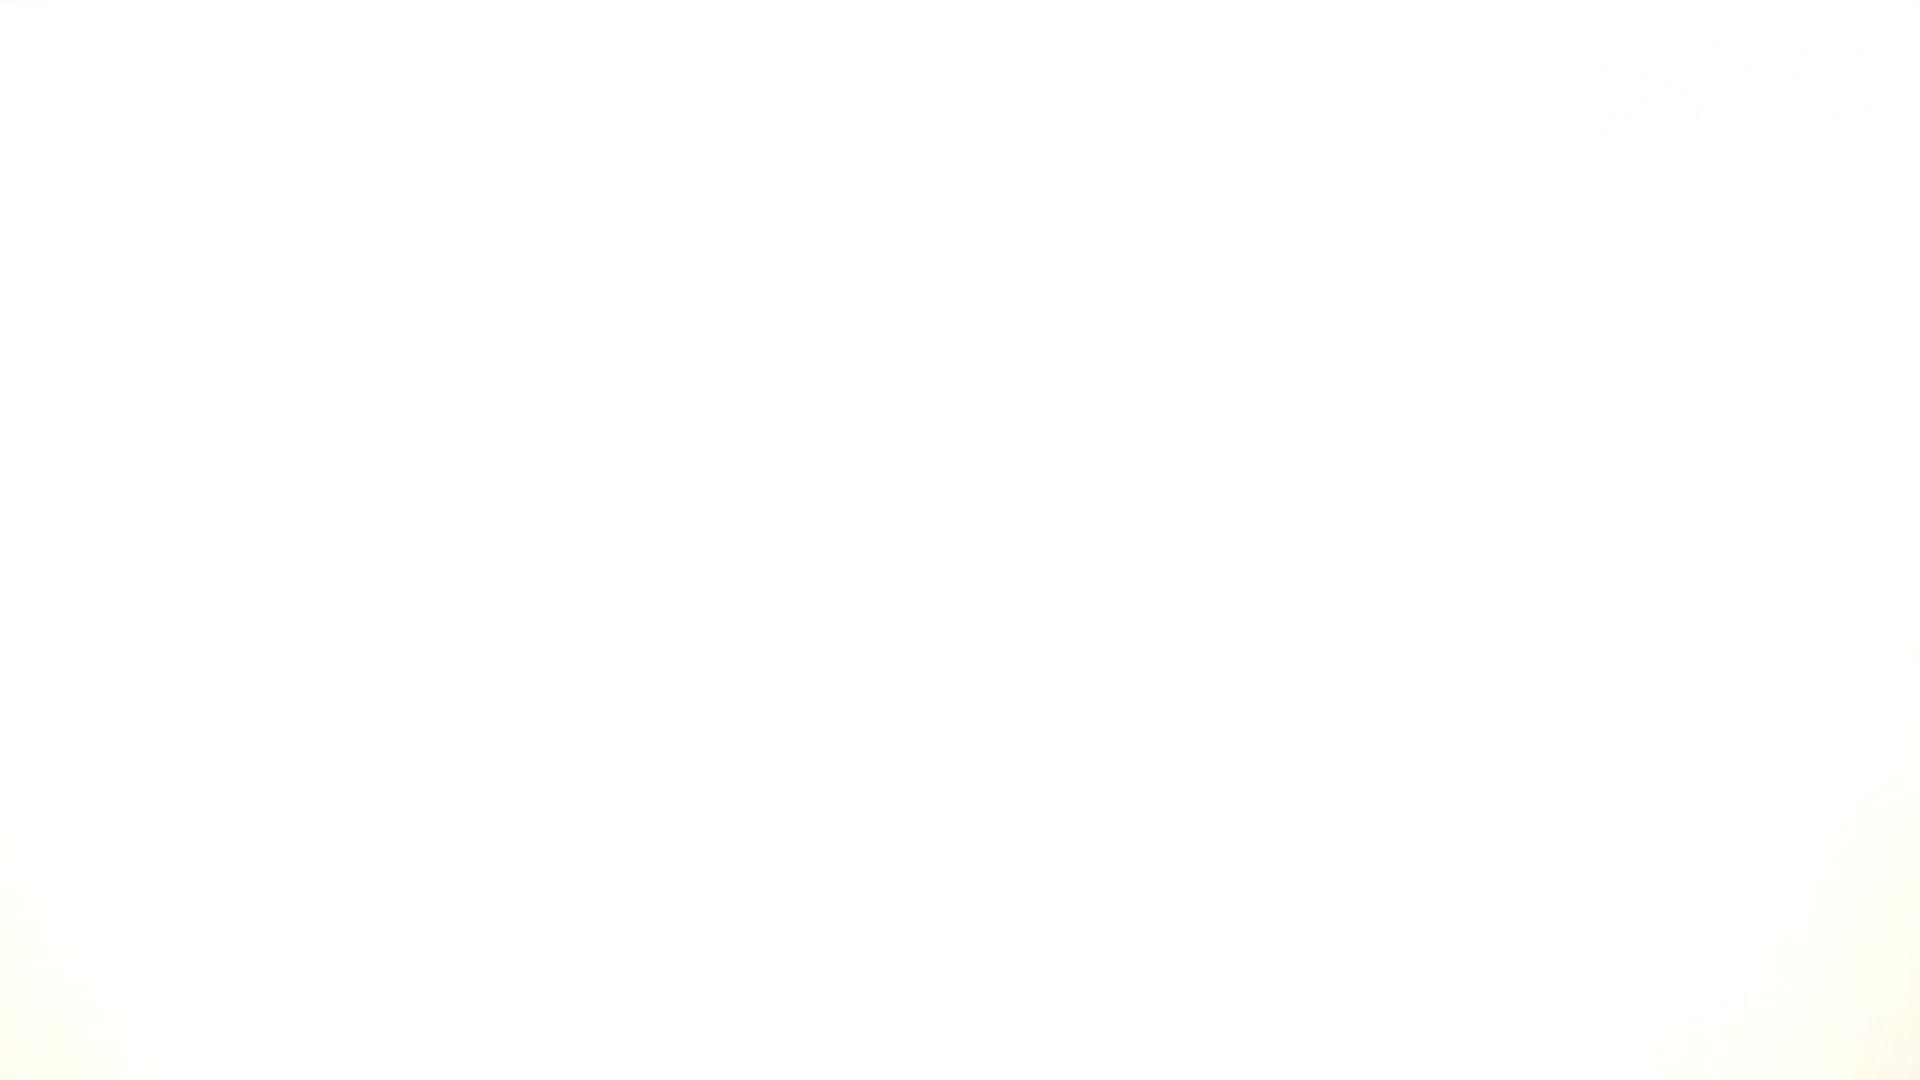 ▲復活限定▲ハイビジョン 盗神伝 Vol.30 丸見え | シャワー室  99画像 76